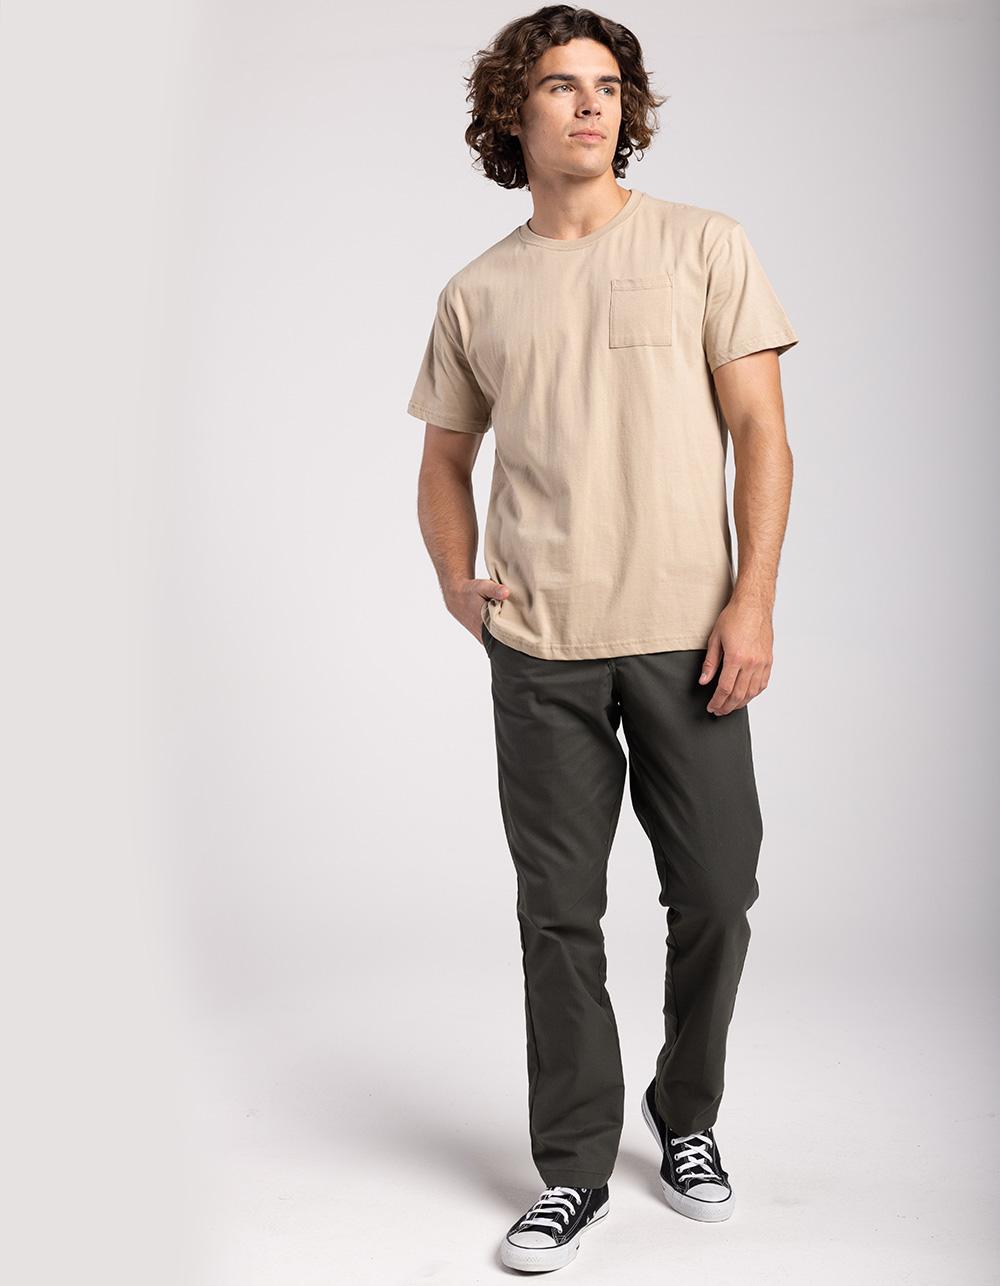 Image of DICKIES 850 SLIM TAPER FLEX OLIVE PANTS